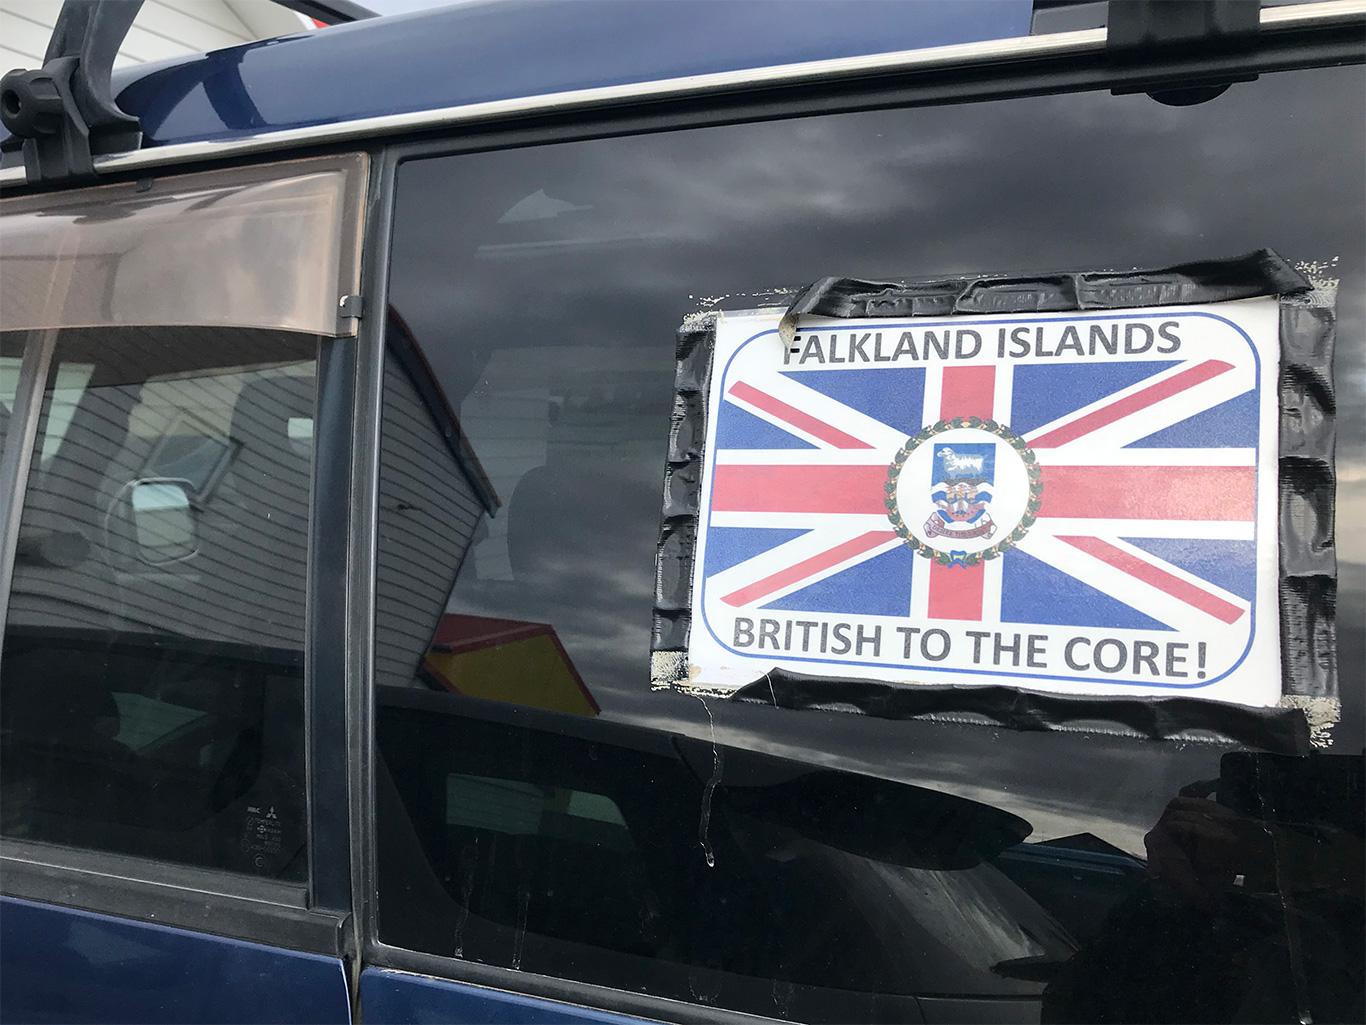 Sign on jeep, Port Stanley, Falkland Islands.